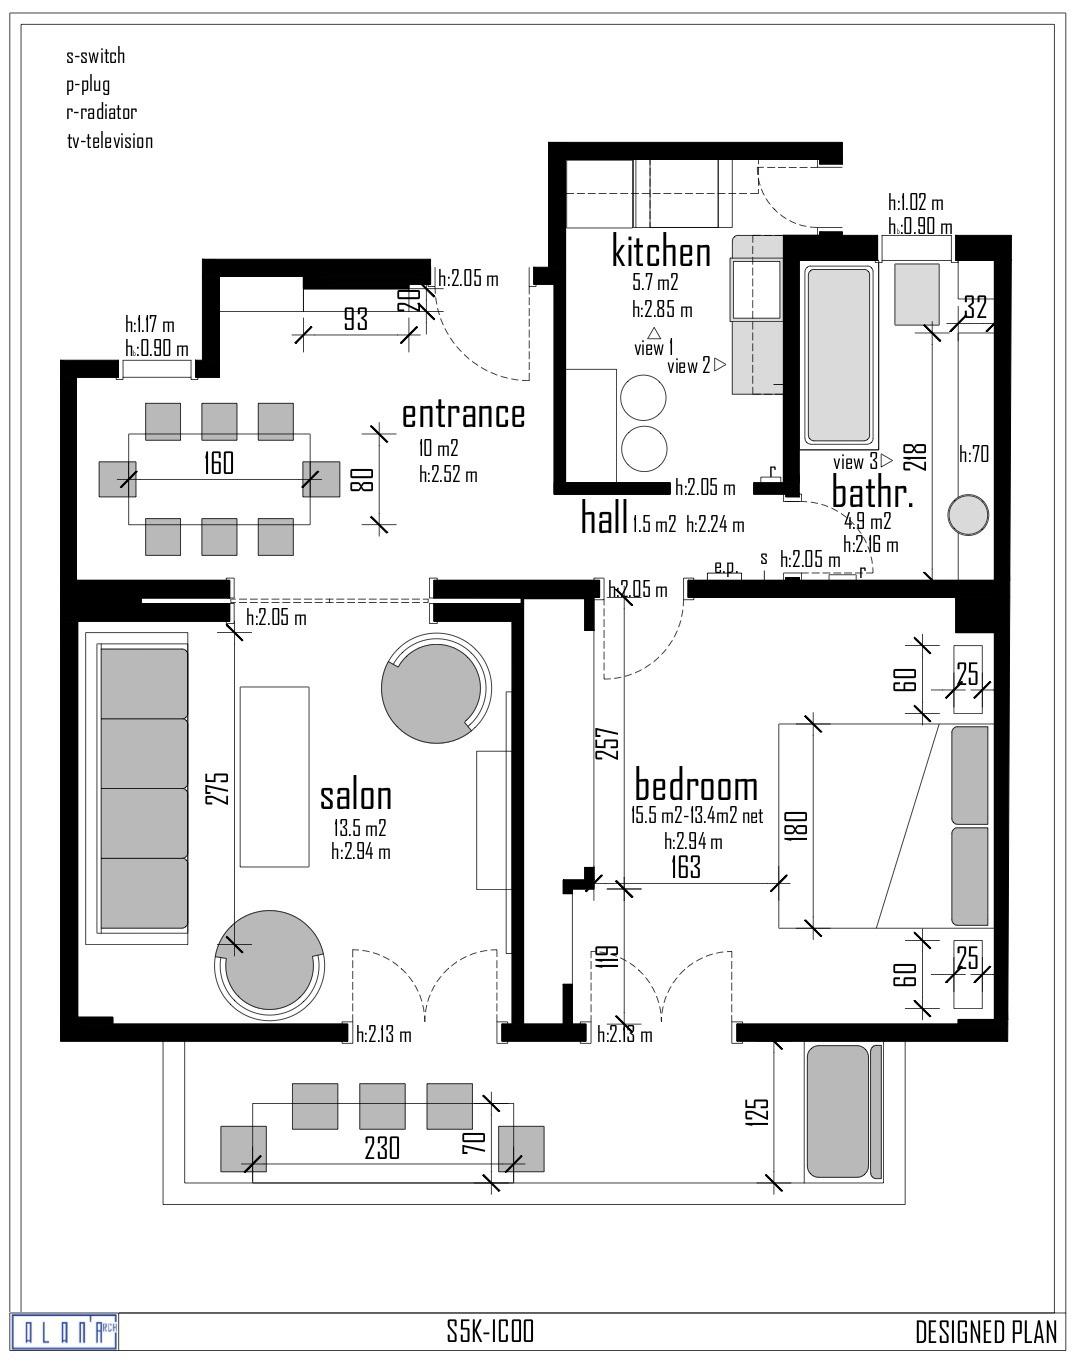 SK5-designed plan